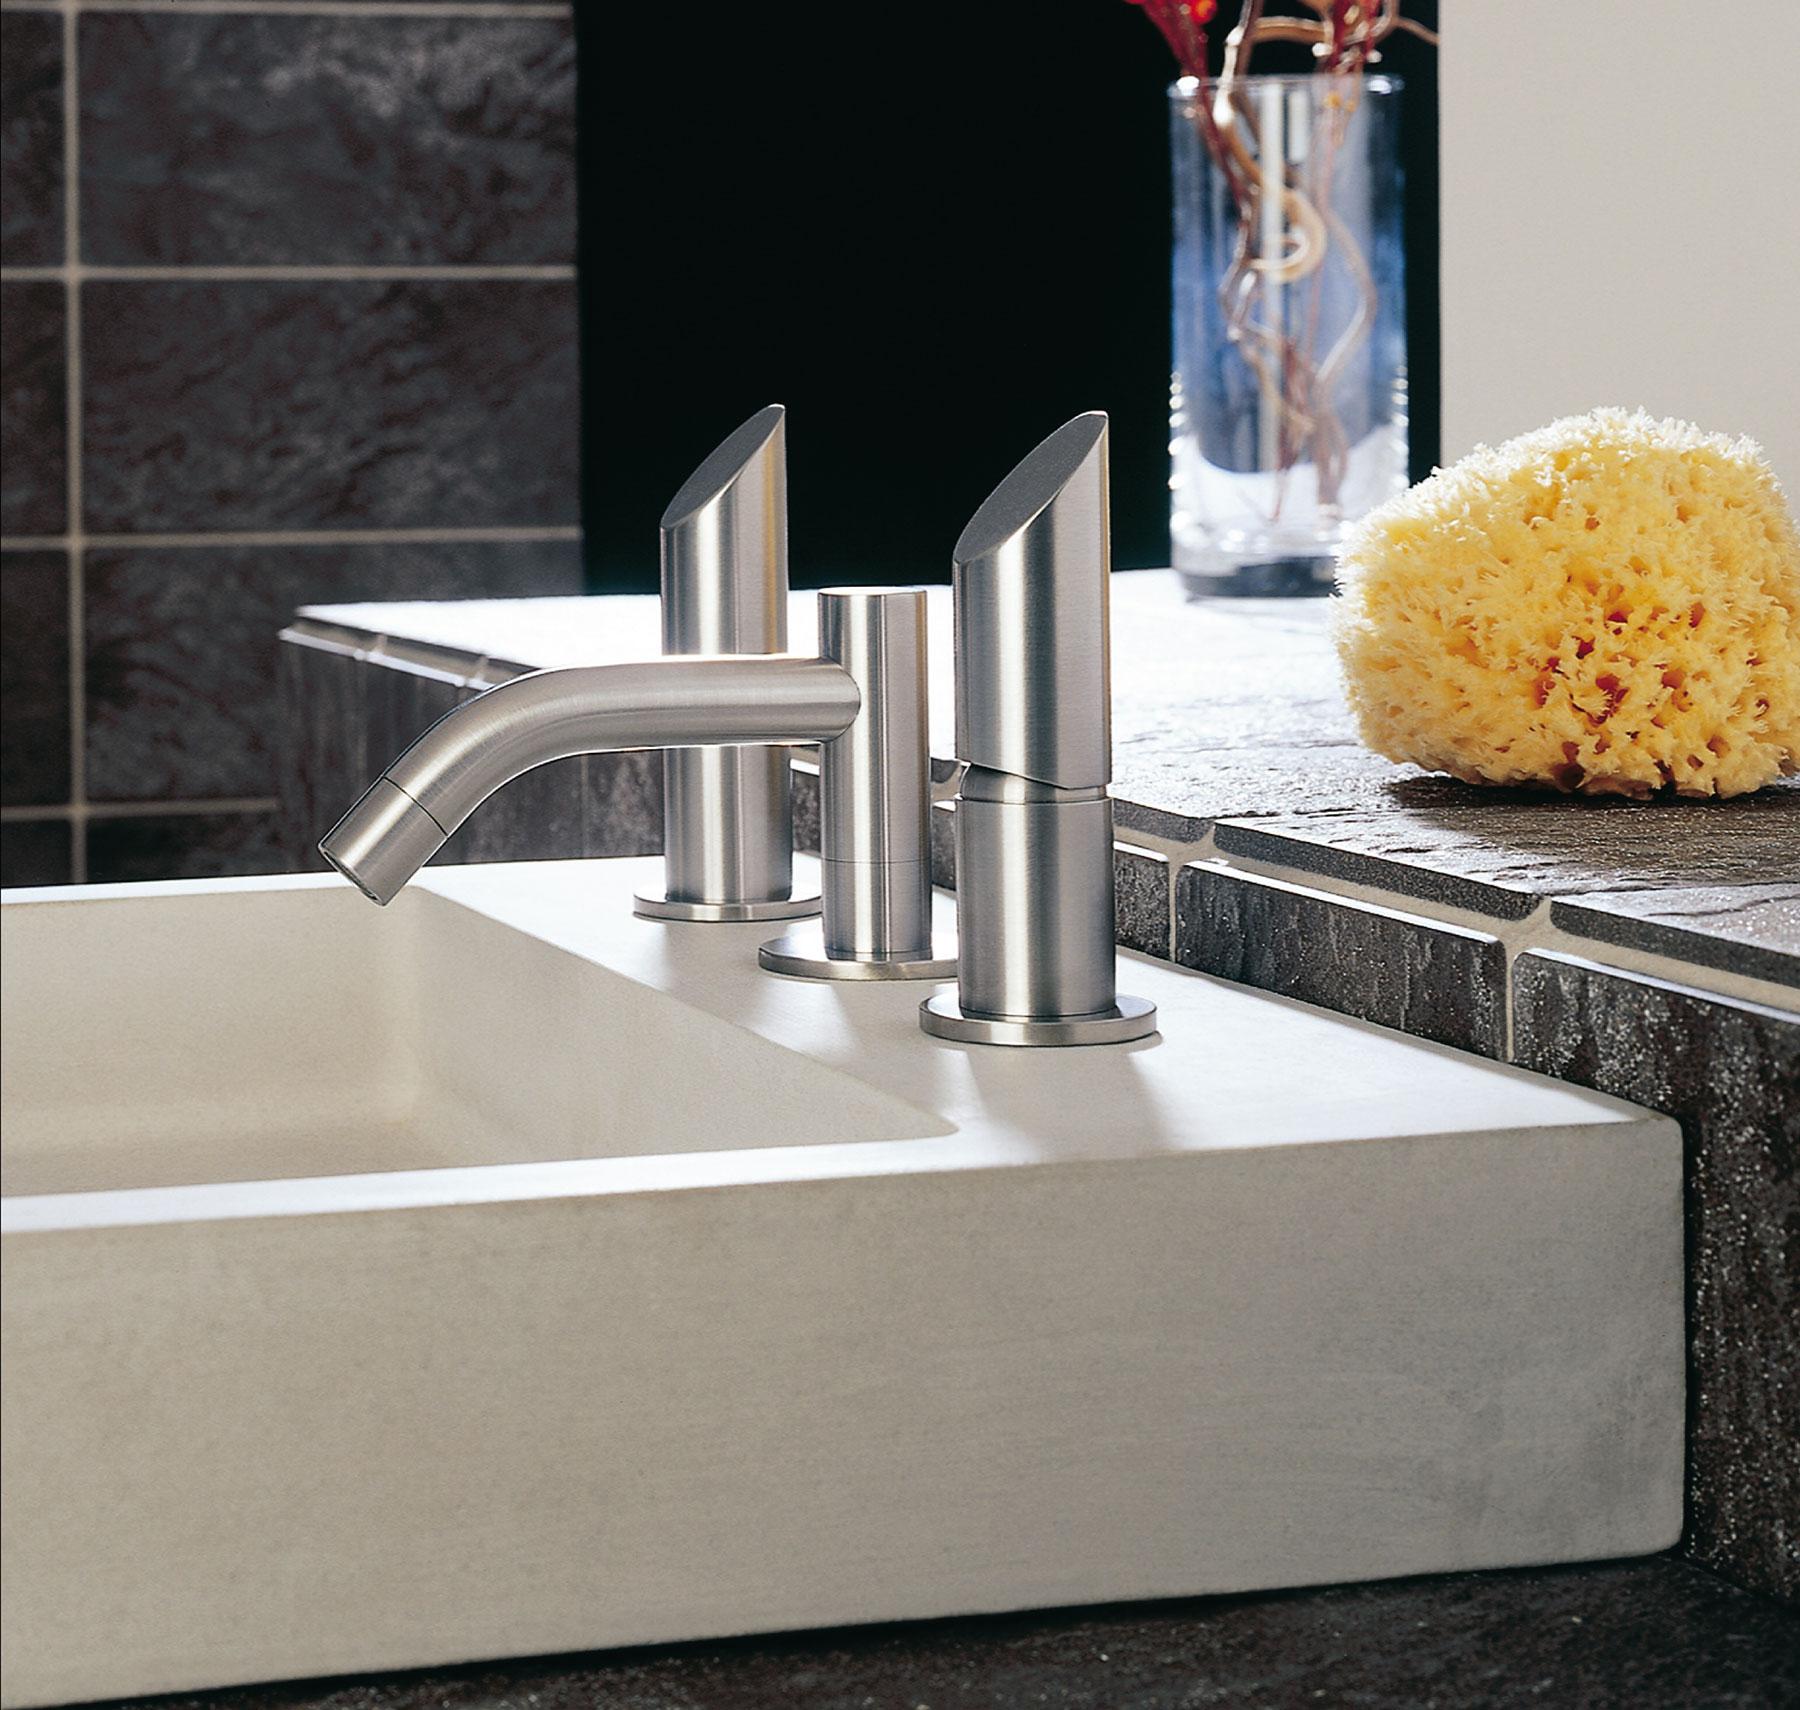 Modern Beauty Deck Mount Faucet